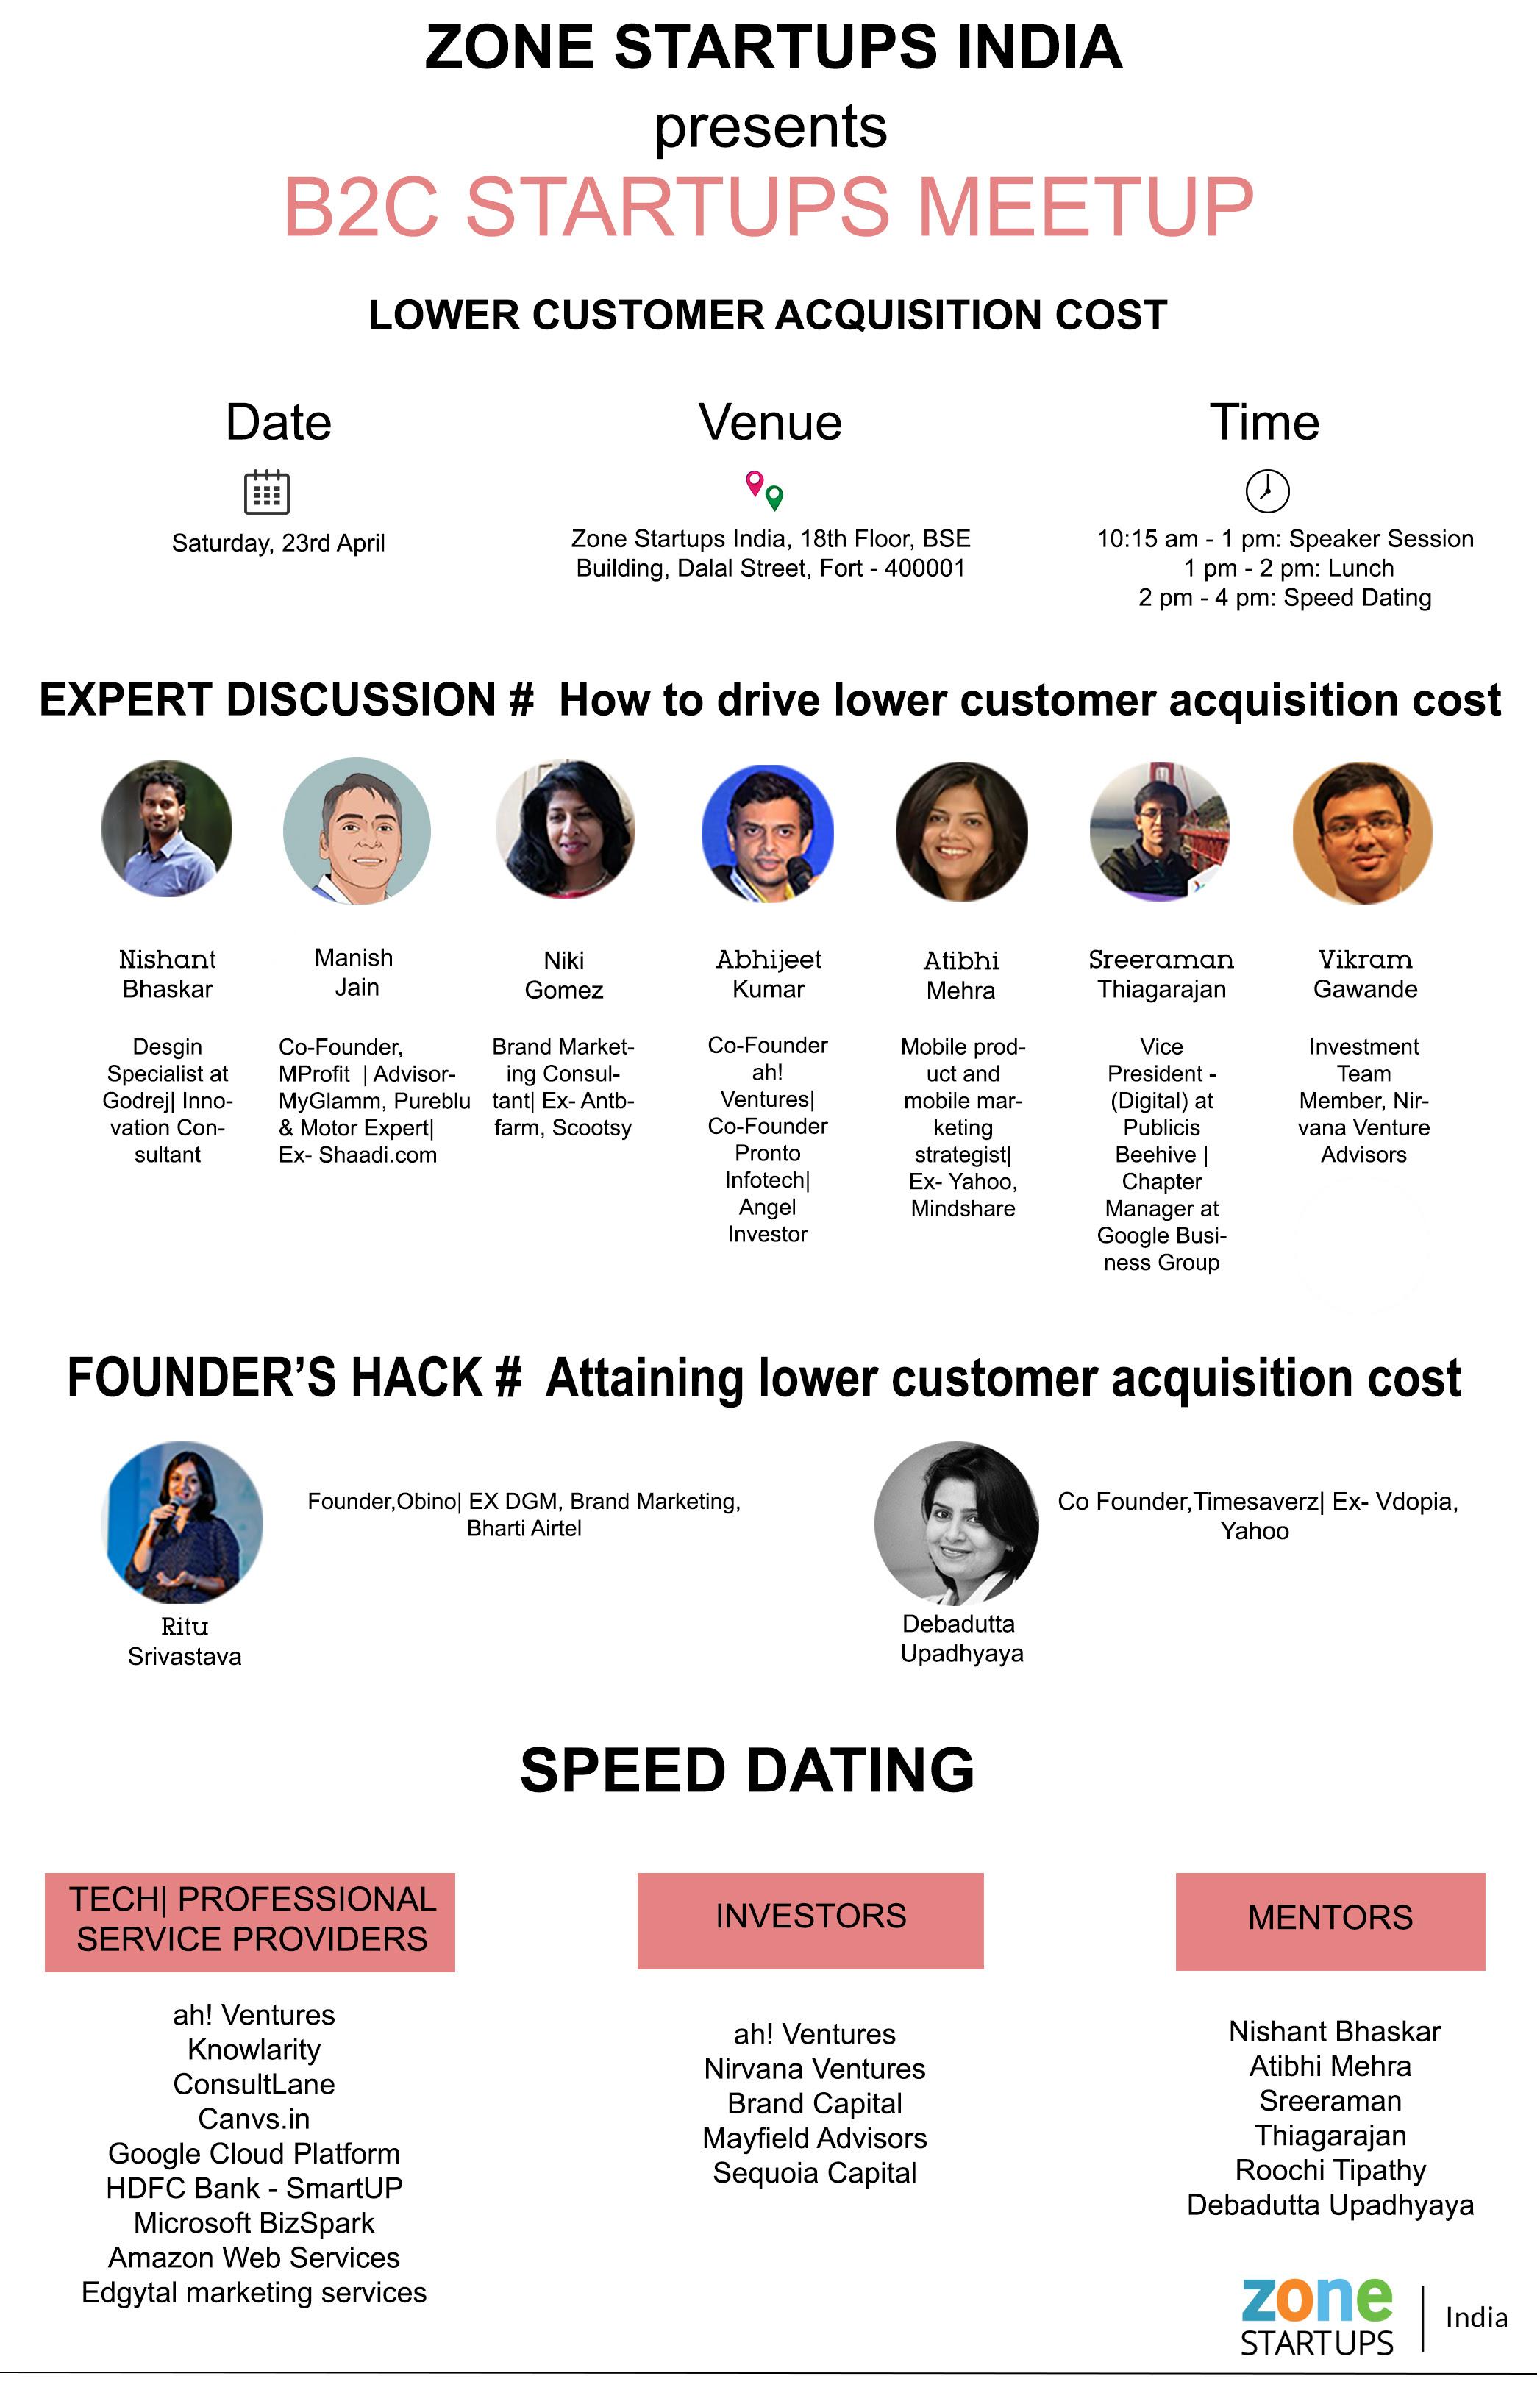 Speed dating in mumbai